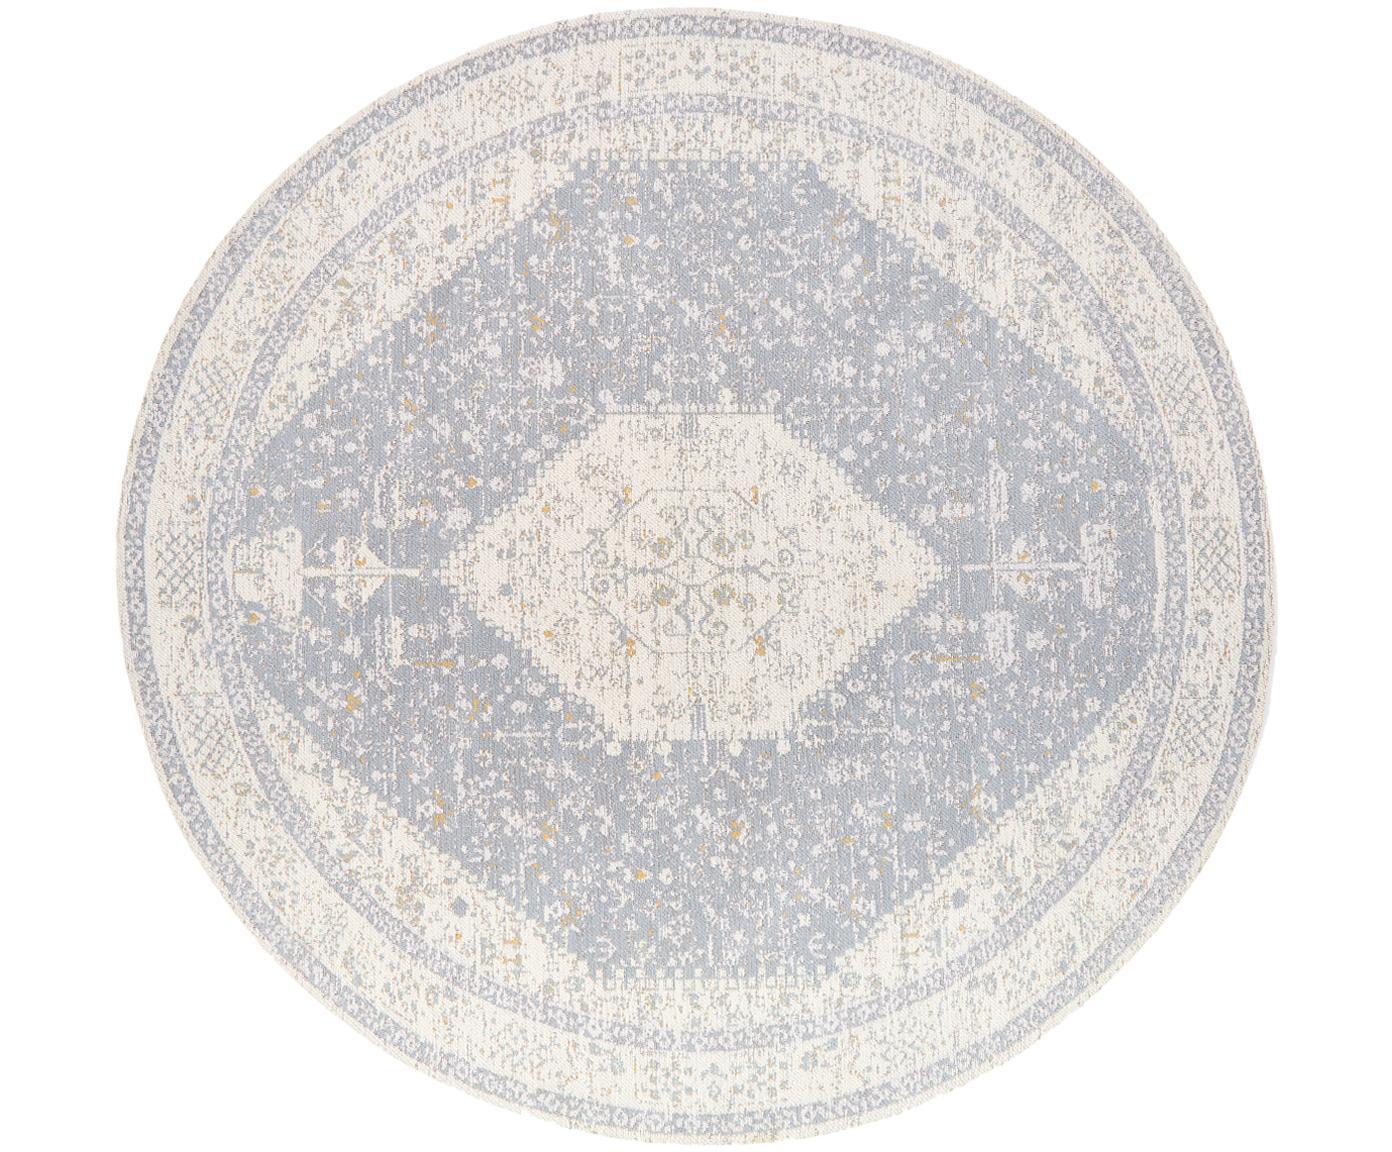 Okrągły ręcznie tkany dywan szenilowy Neapel, Jasny szary, kremowy, taupe, Ø 200 cm (Rozmiar L)